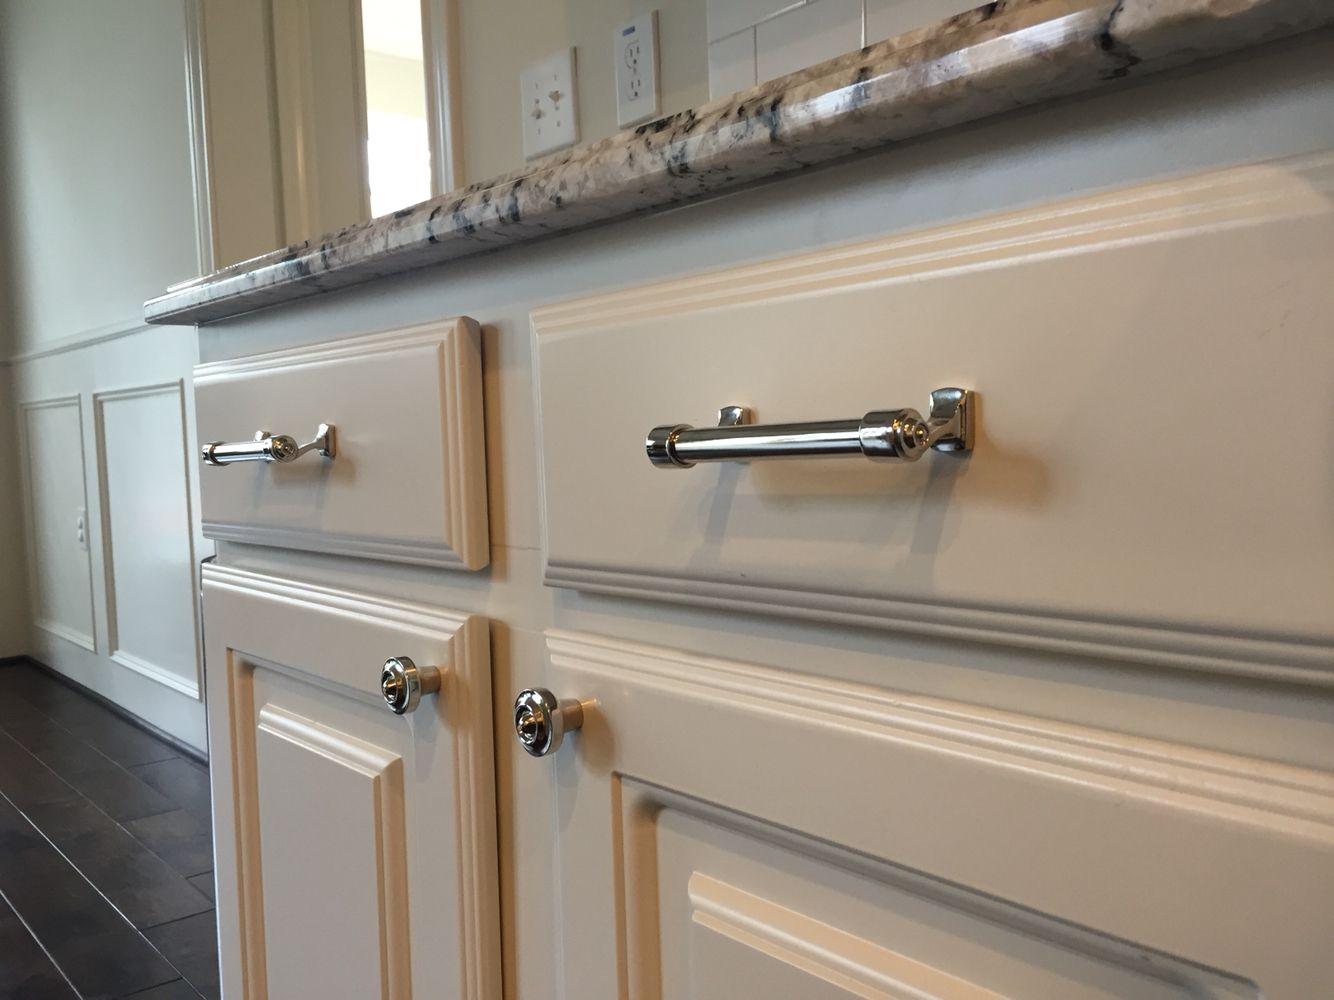 Restoration Hardware Polished Nickel Cabinet Pulls